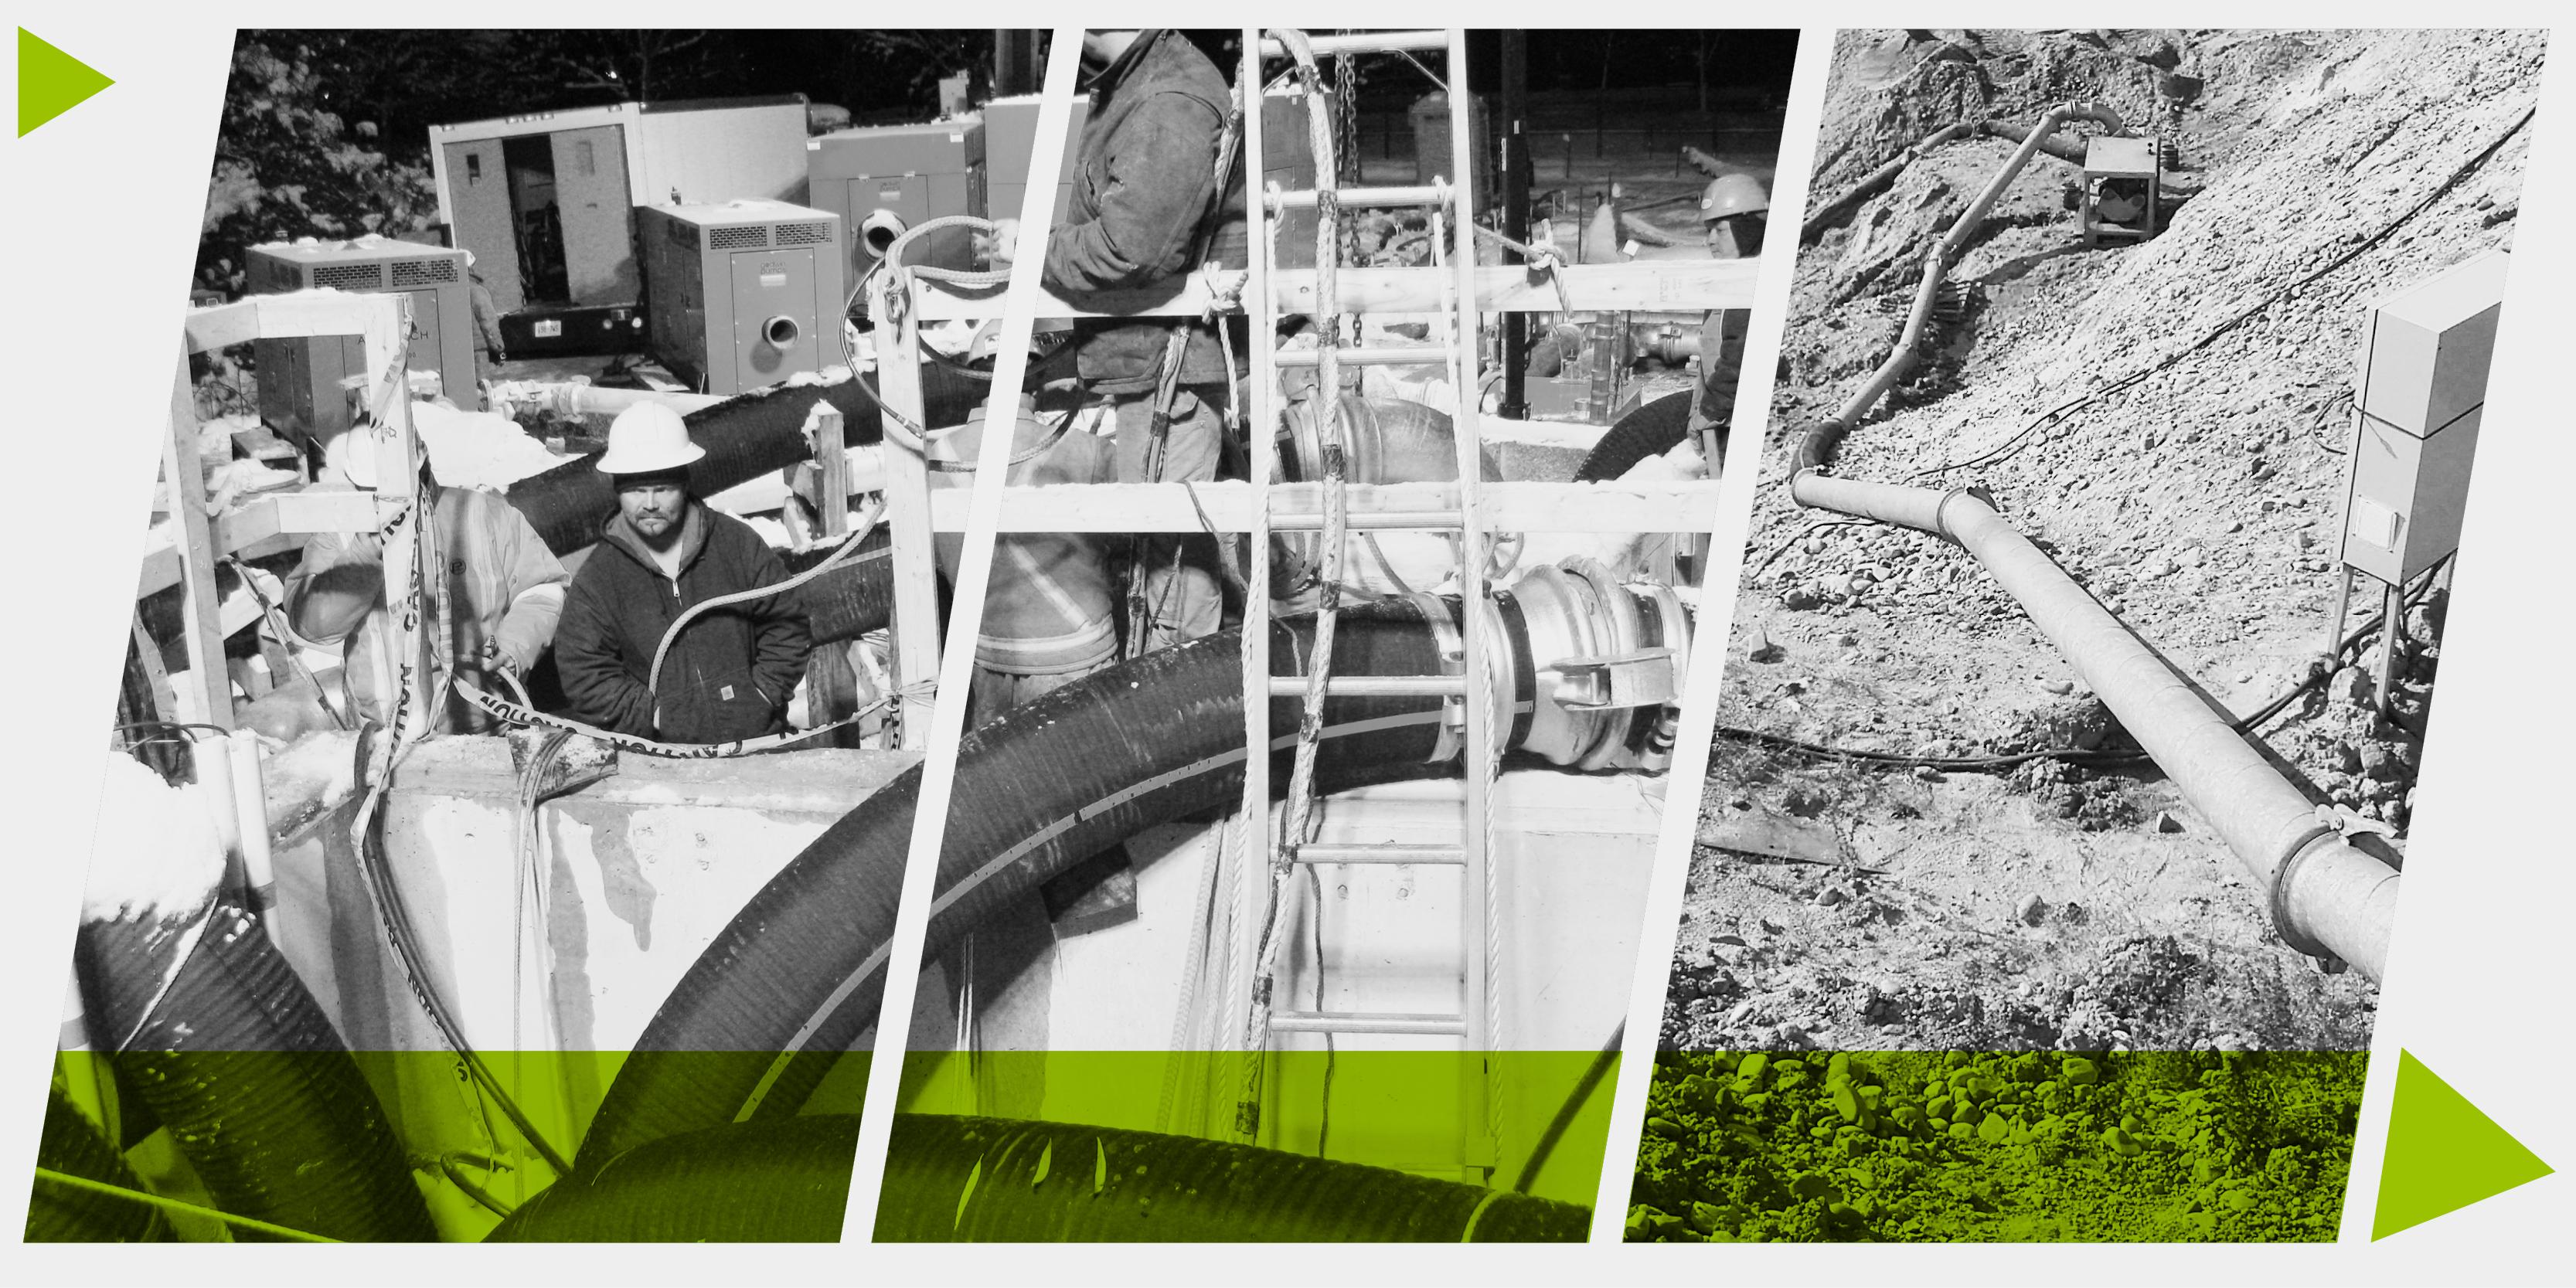 raccordi sferici per l'irrigazione, drenaggio, svuotamento